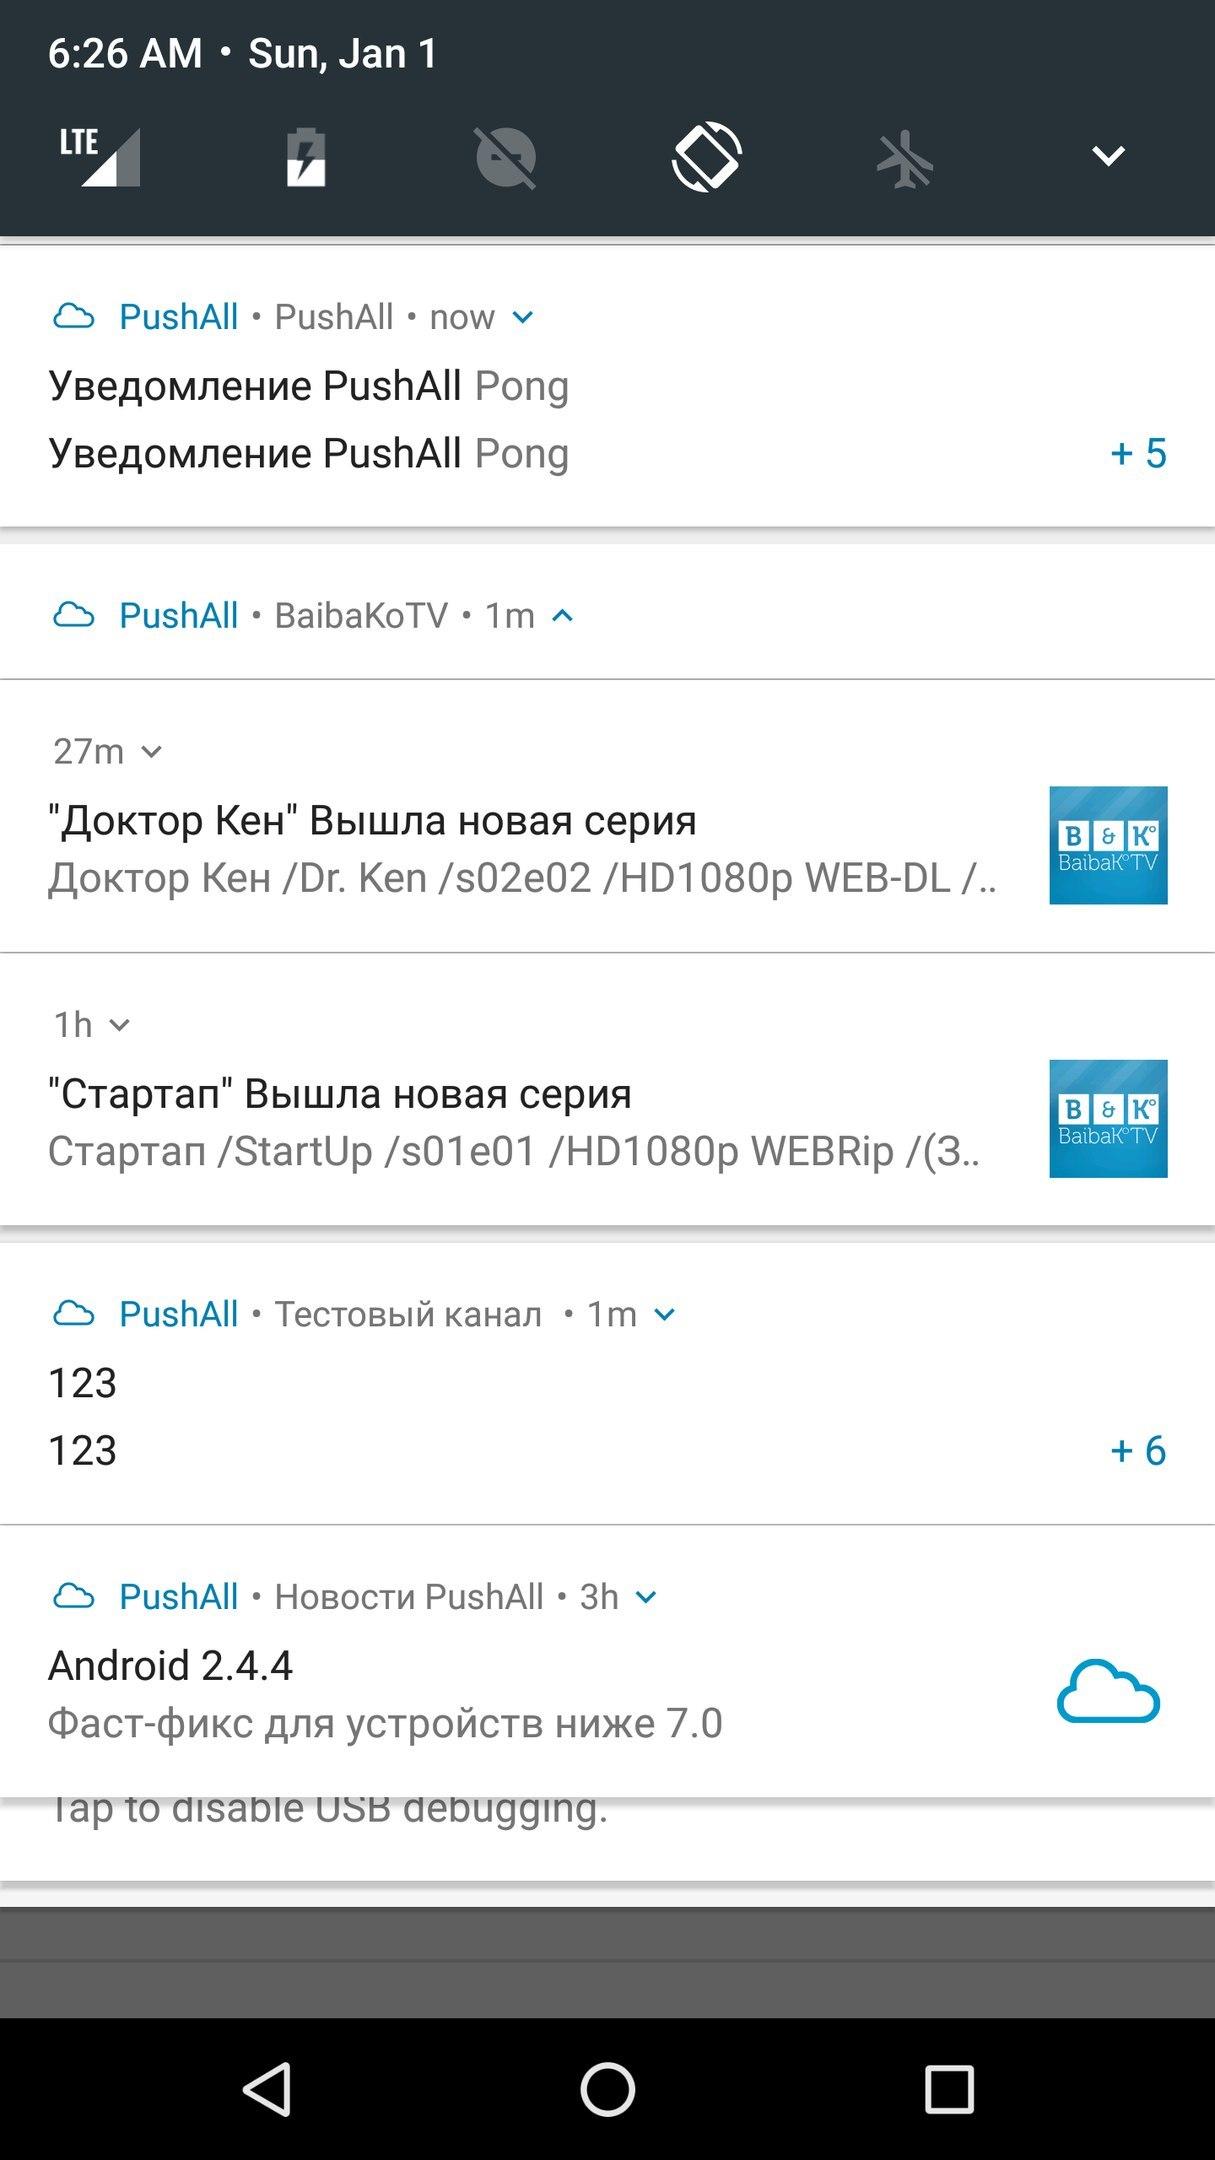 Группировка оповещений в Android 7